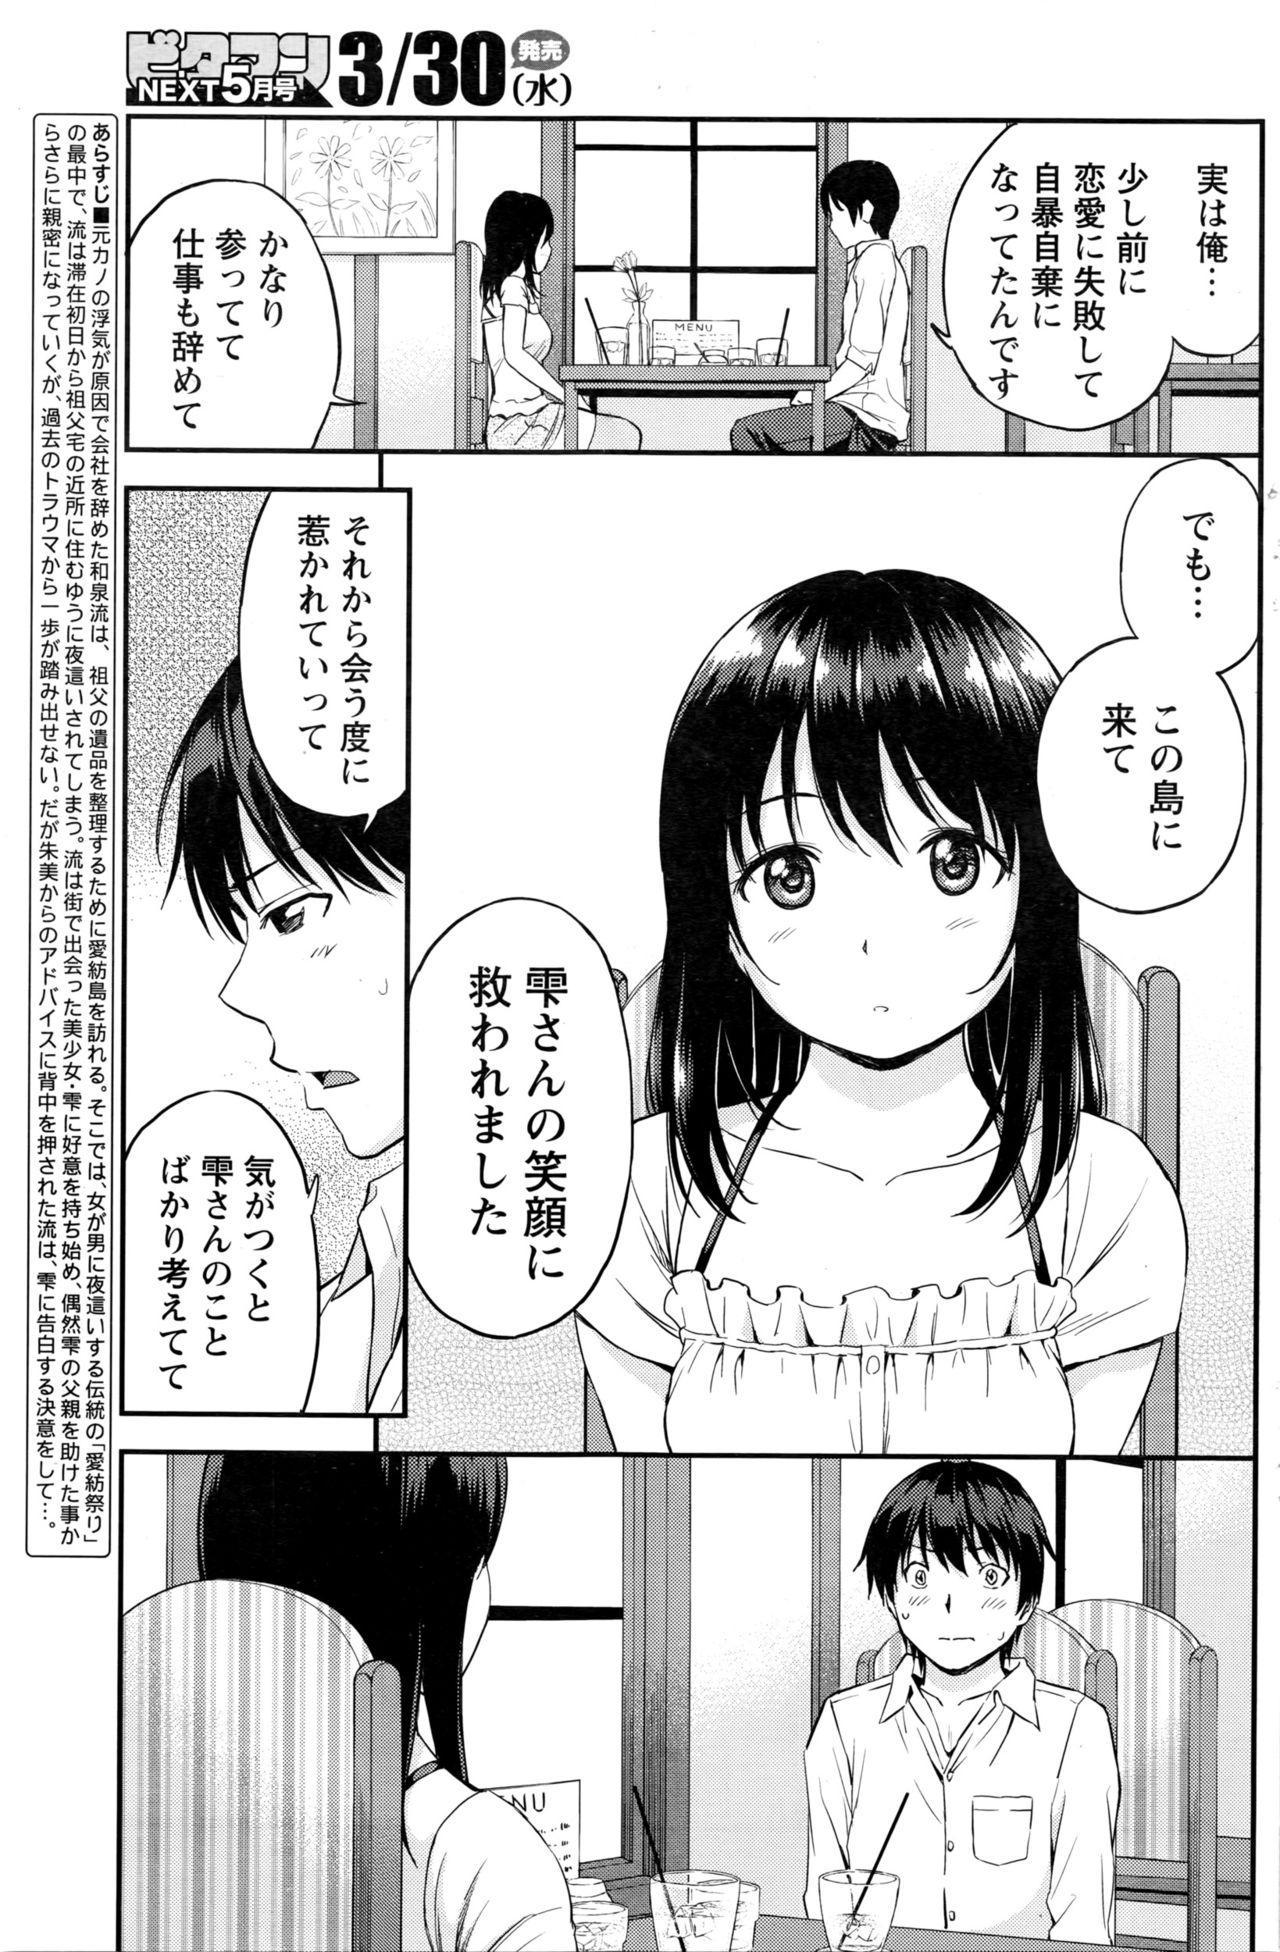 [Higashino Mikan] Atsumujima no Megumi-sama - Goddess of Atsumu-Island 93